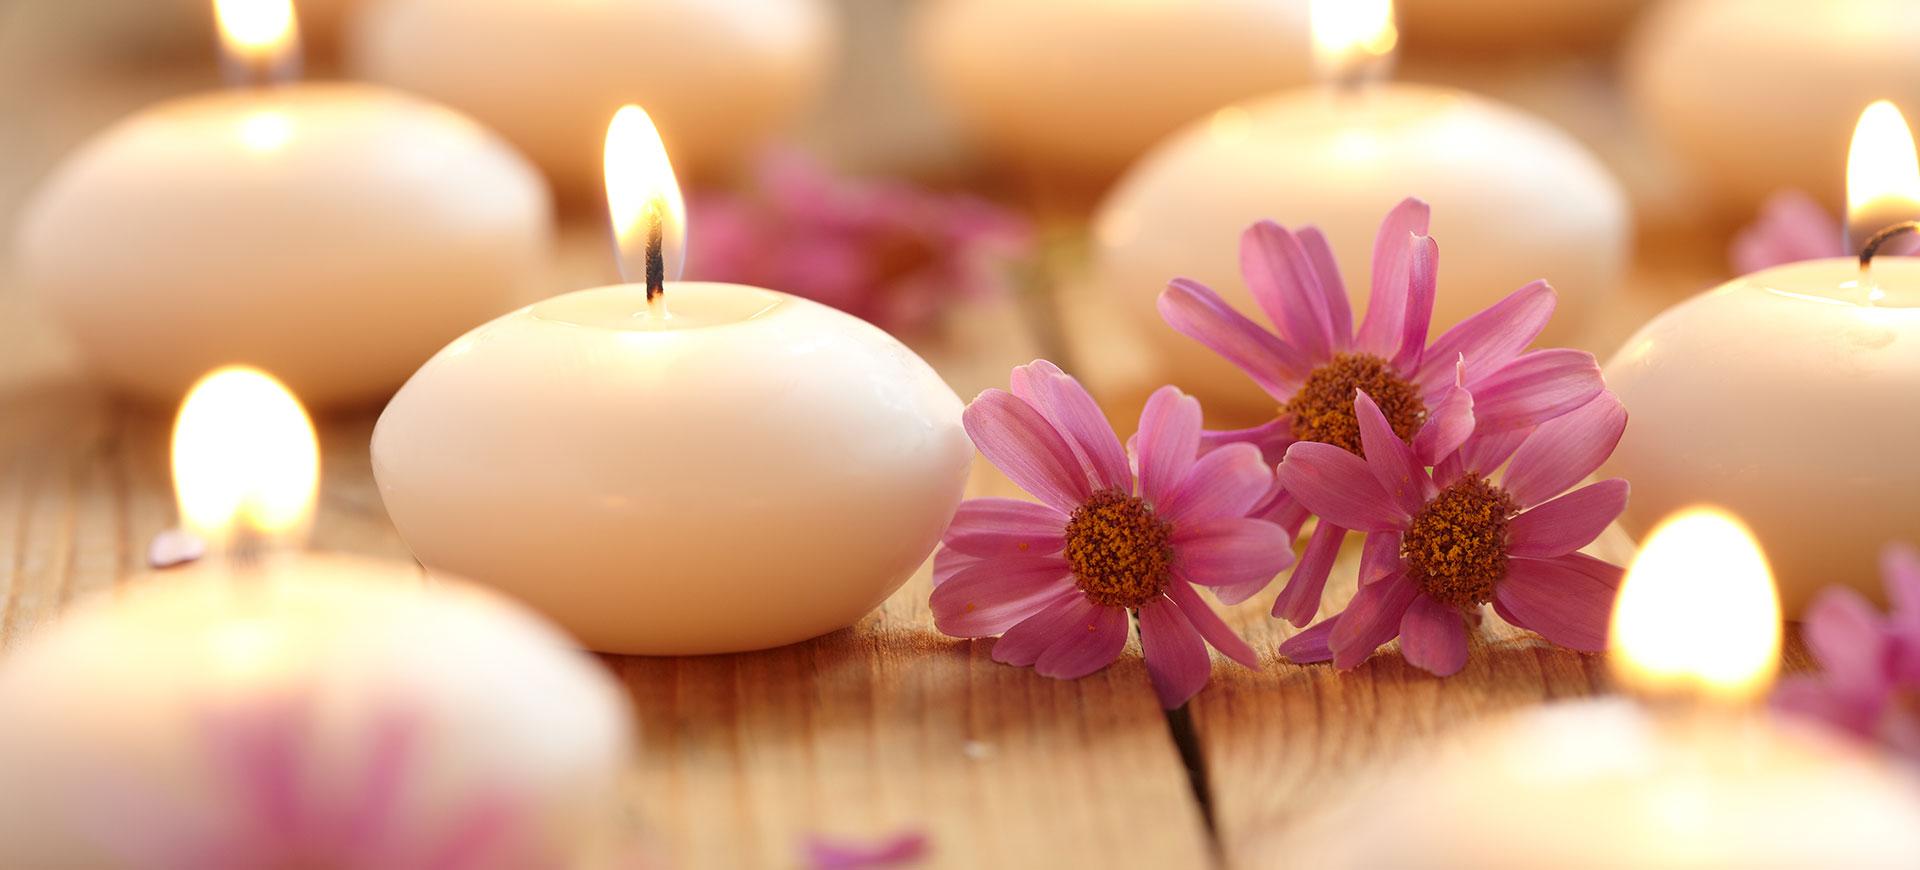 Slide_candle_flower